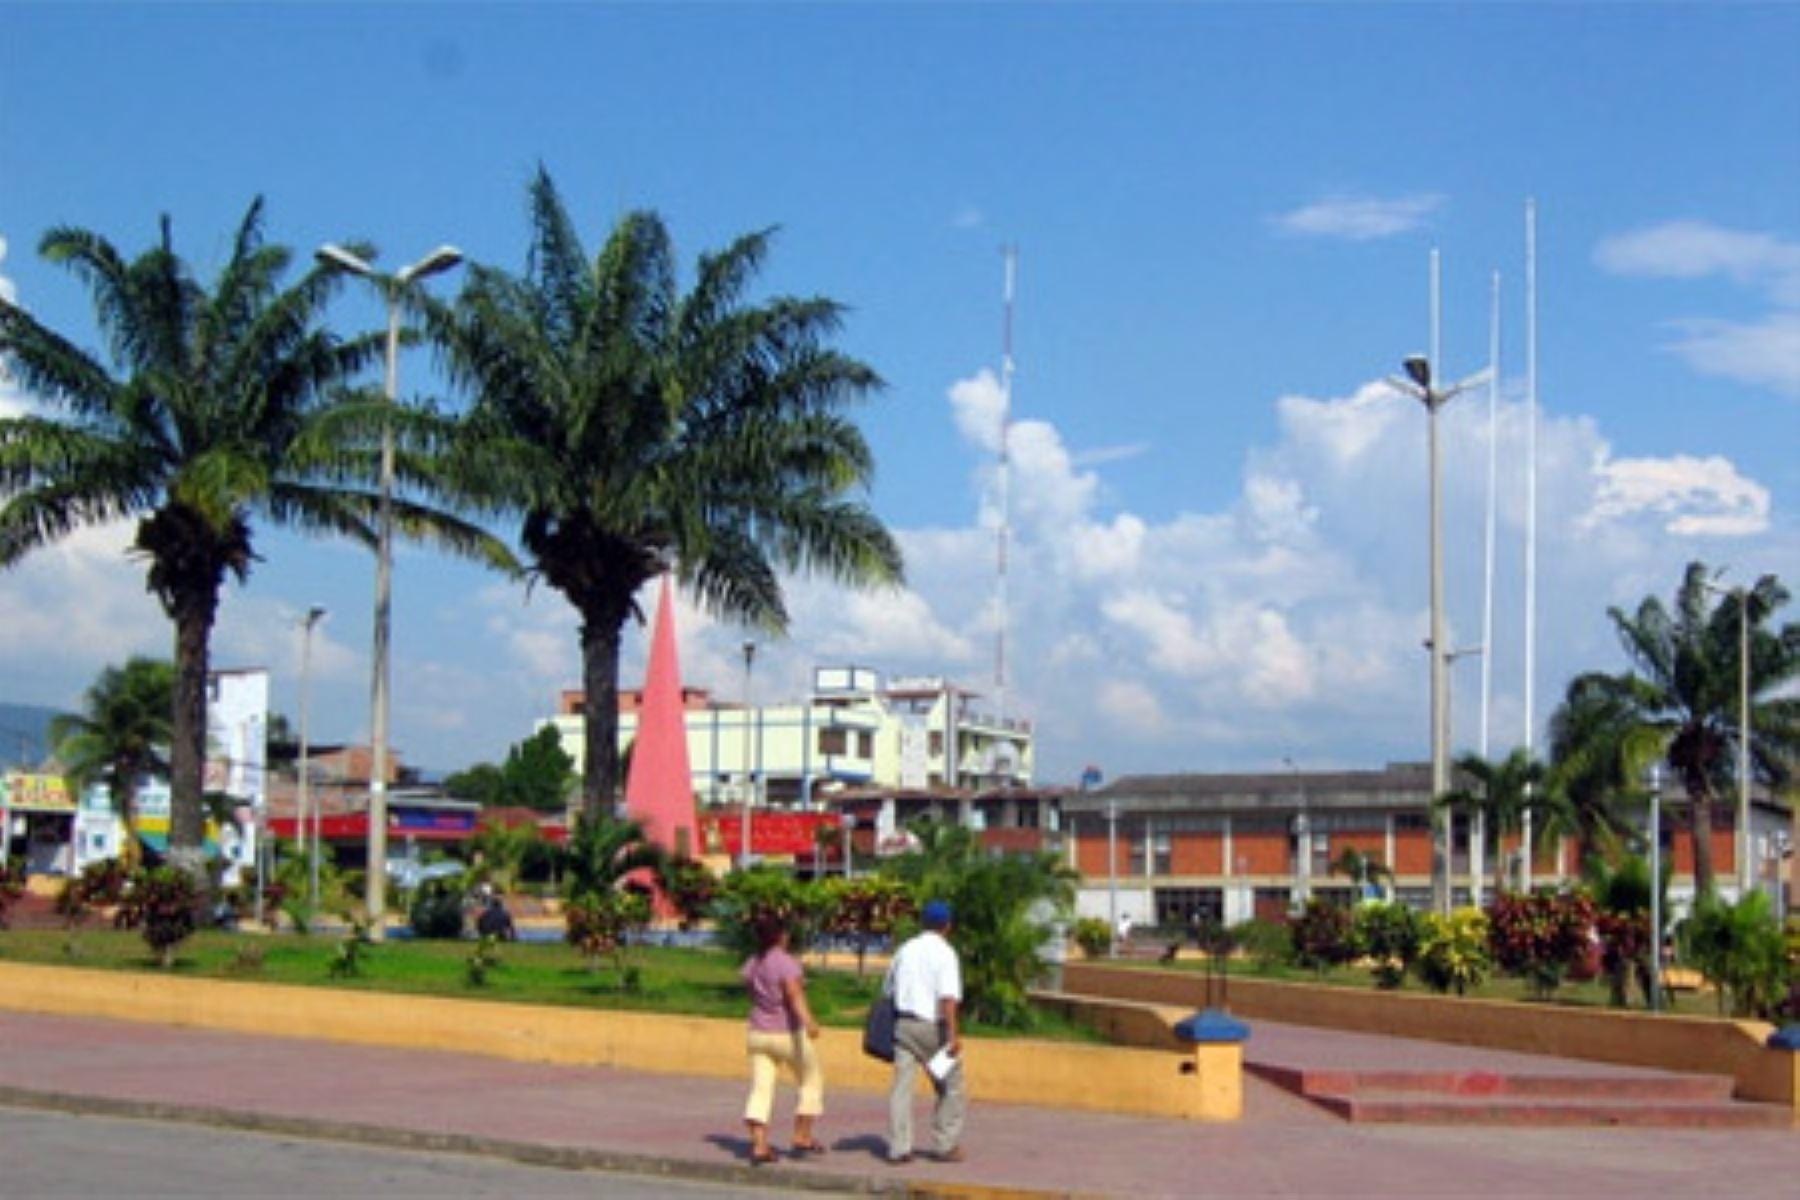 Municipalidad de San Martín presentó el plan de desarrollo urbano de la ciudad de Tarapoto. ANDINA/Difusión